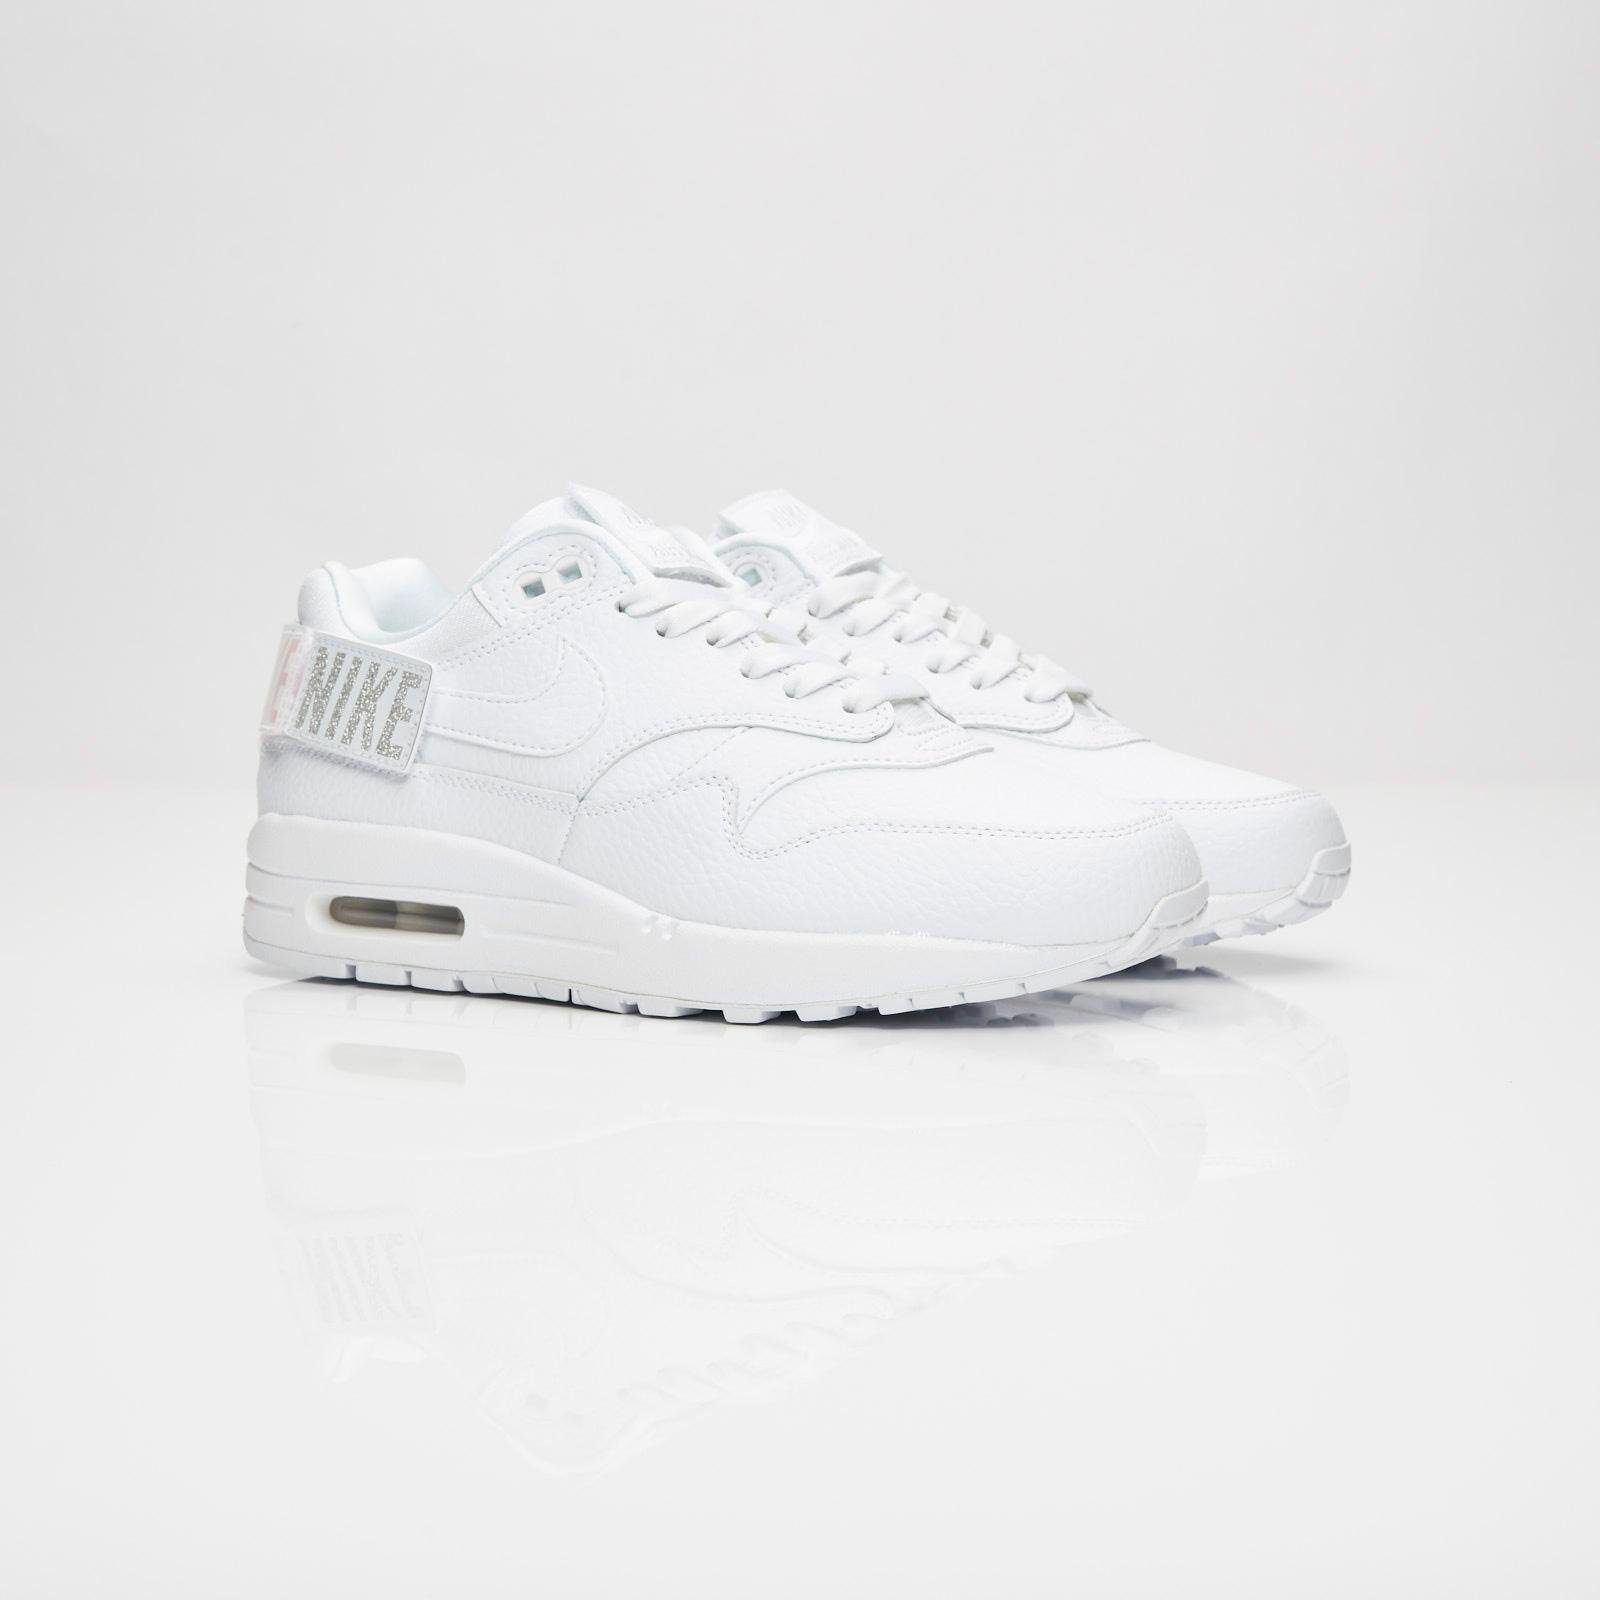 5b38f05770c25 Nike W Air Max 1-100 - Aq7826-100 - Sneakersnstuff | sneakers ...